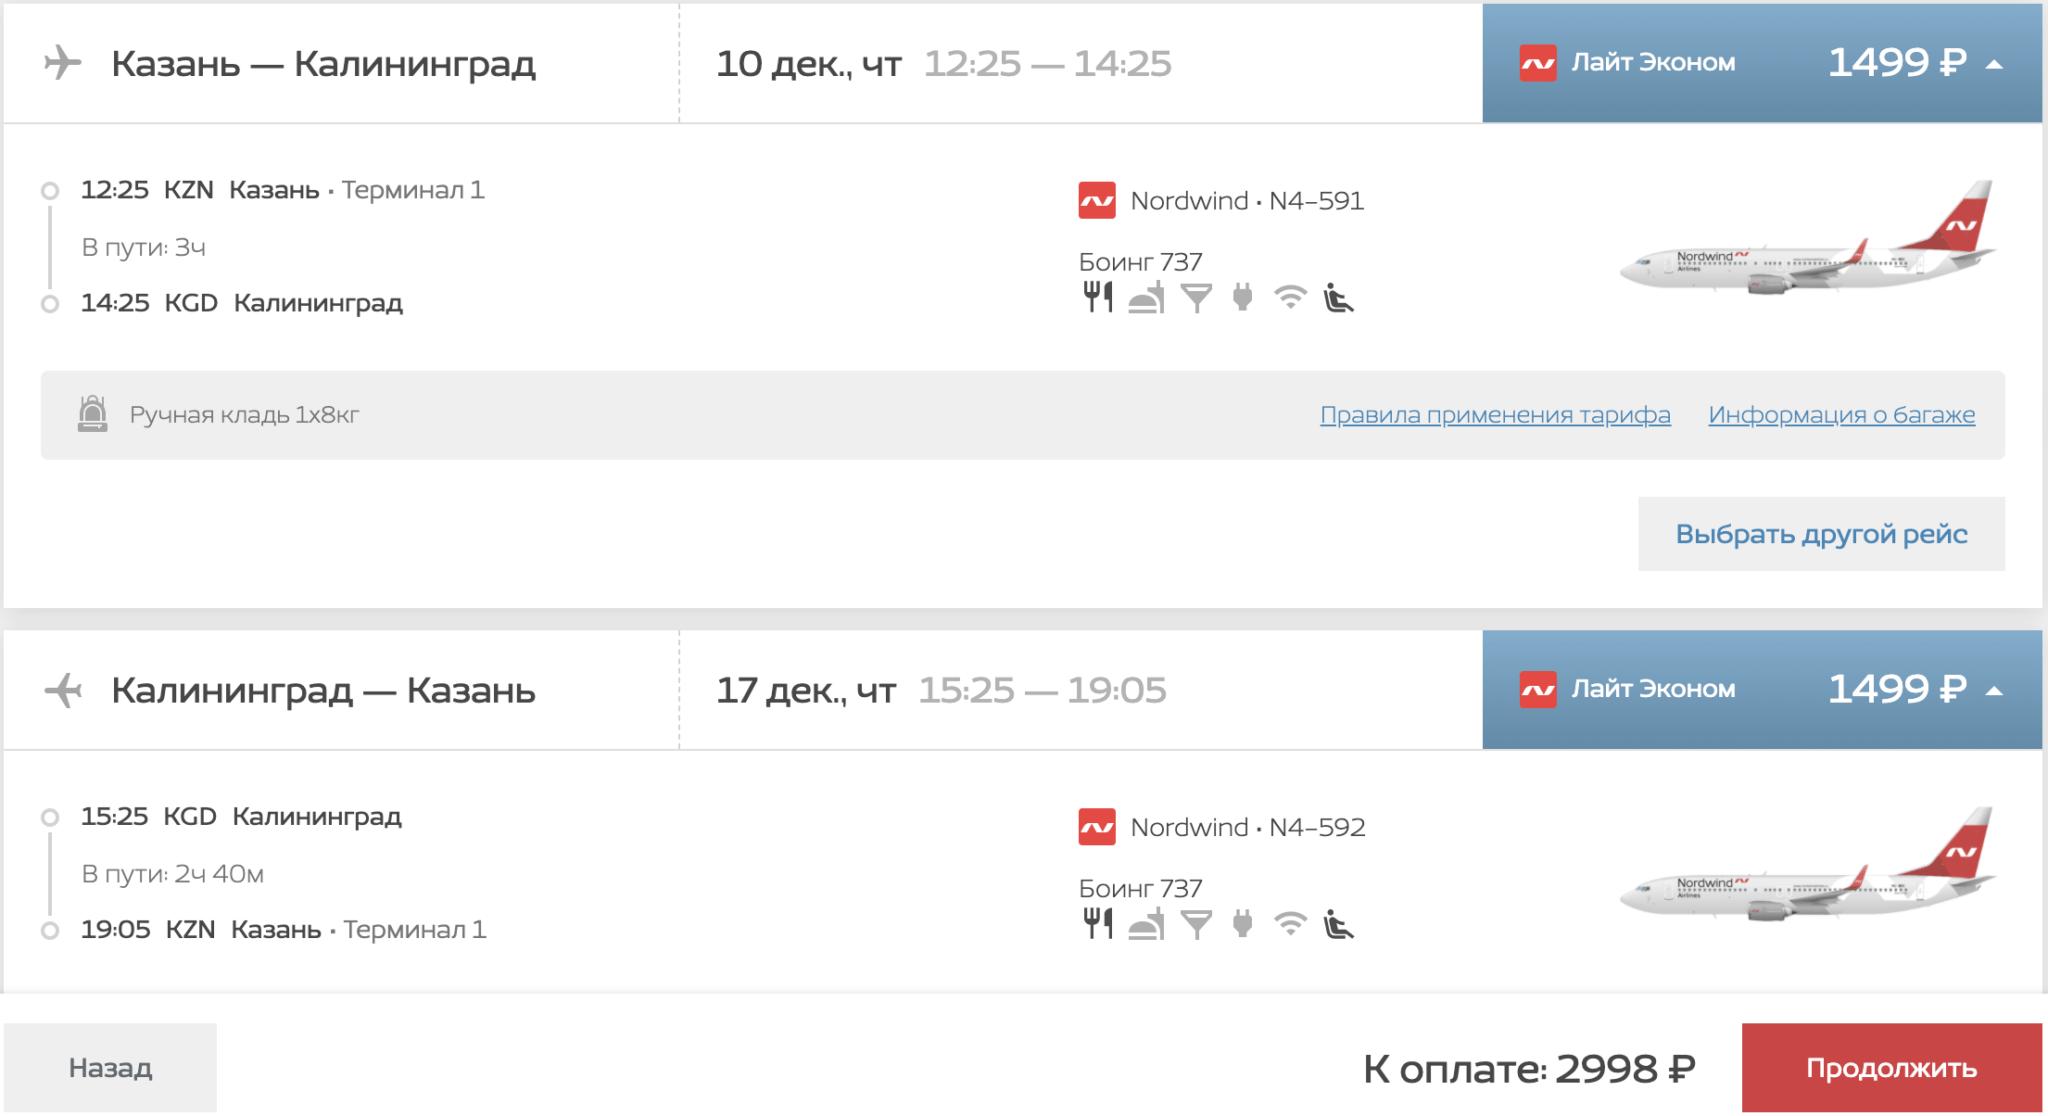 Прямые рейсы Nordwind из Казани в Калининград, Сочи, Минводы и Крым за 2998₽ туда-обратно